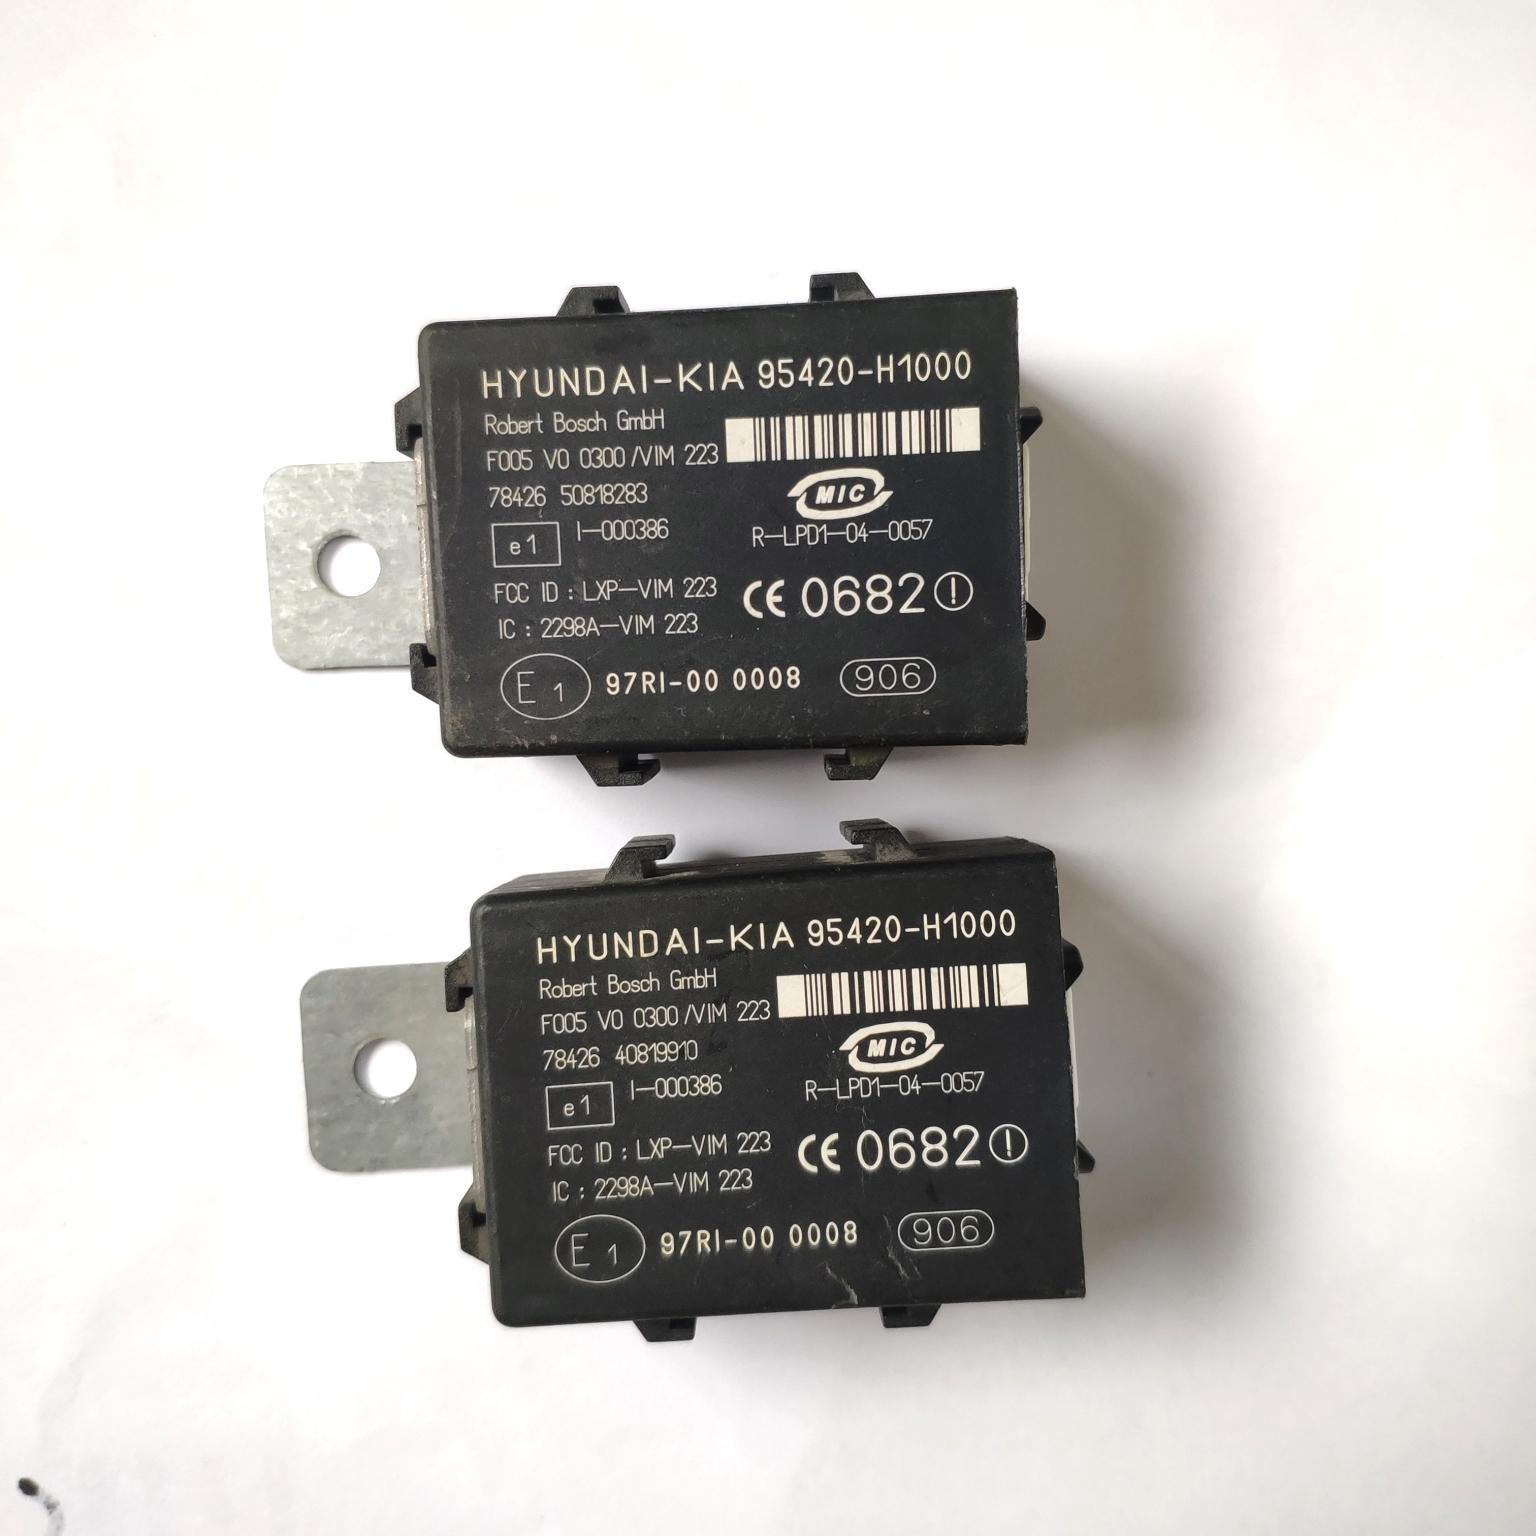 Original Immobilizer Amplifier 95420-H1000 for Hyundai KIA